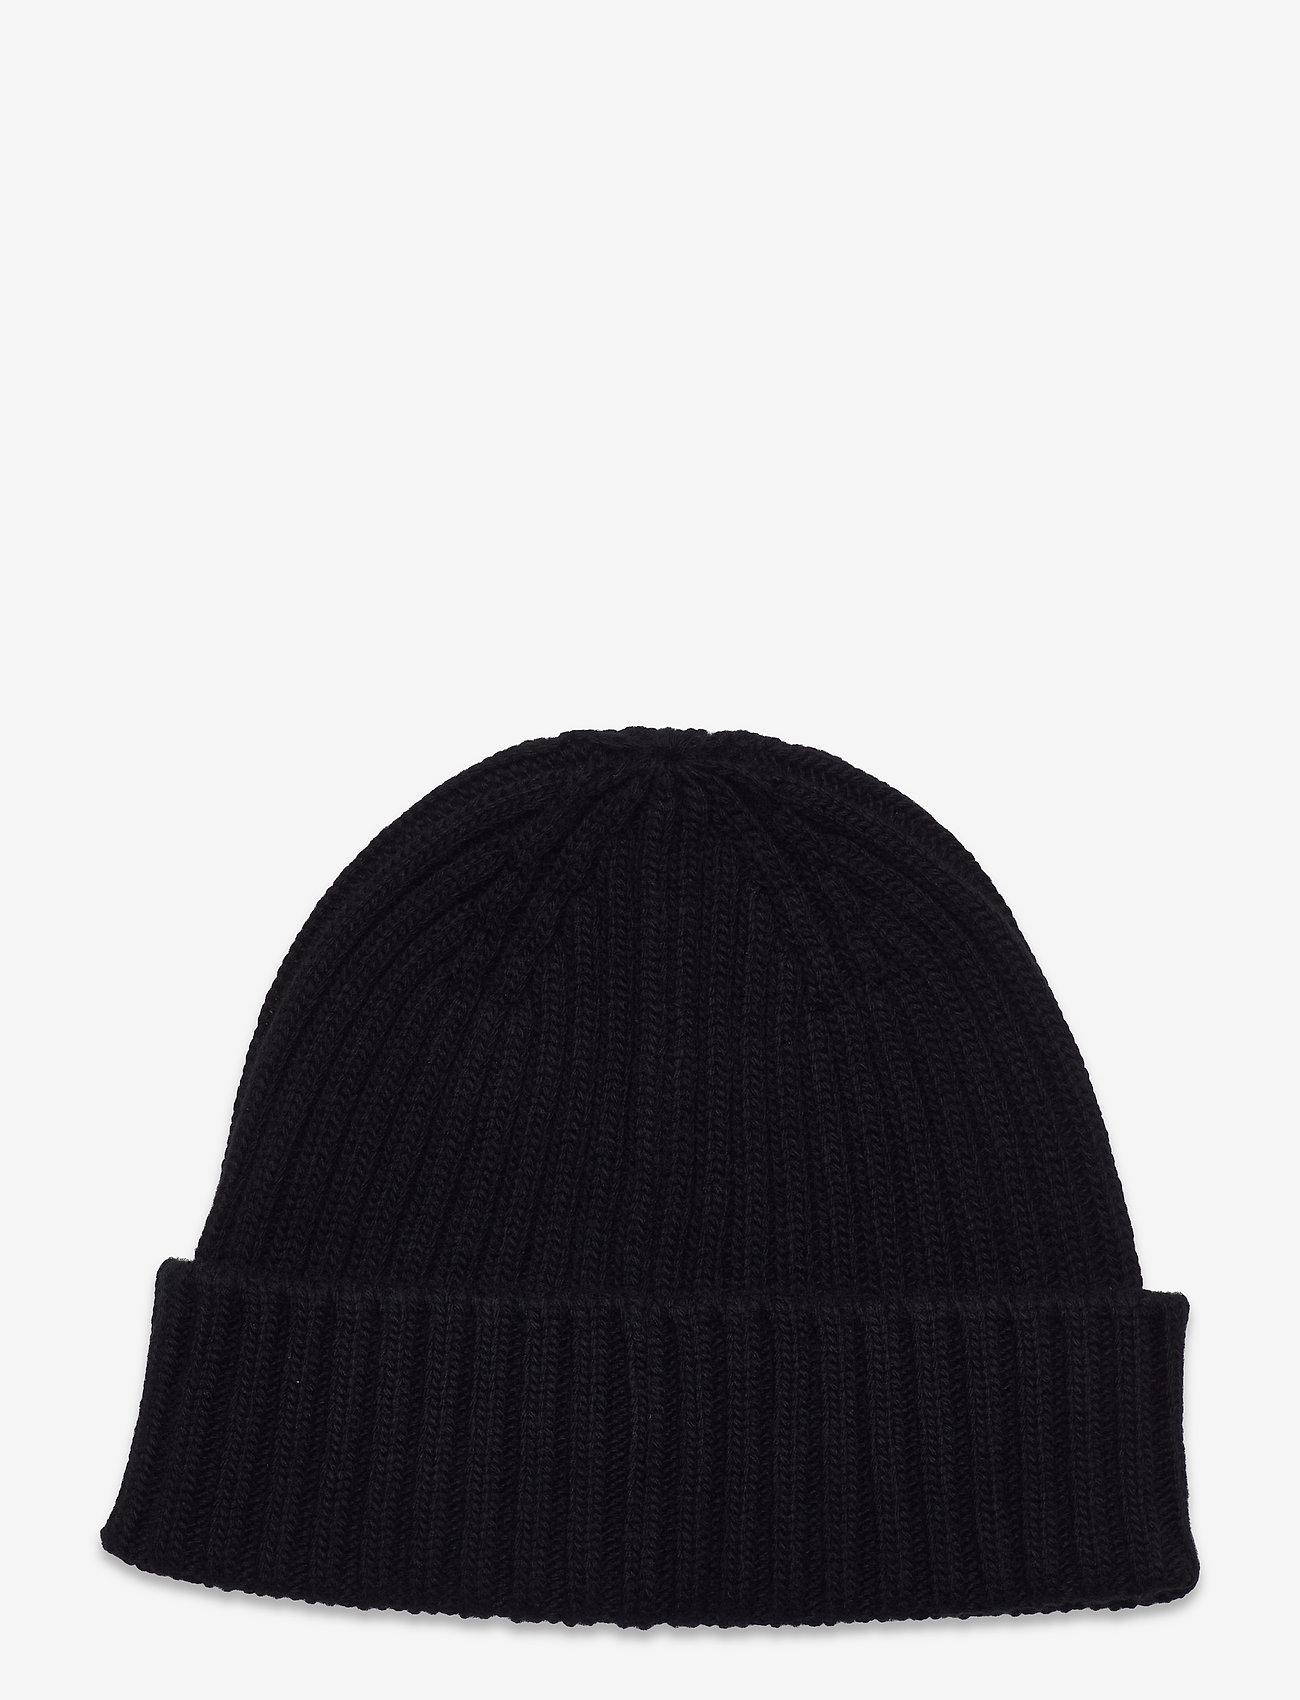 Belstaff - WATCH HAT W/PATCH - bonnets & casquettes - black - 1